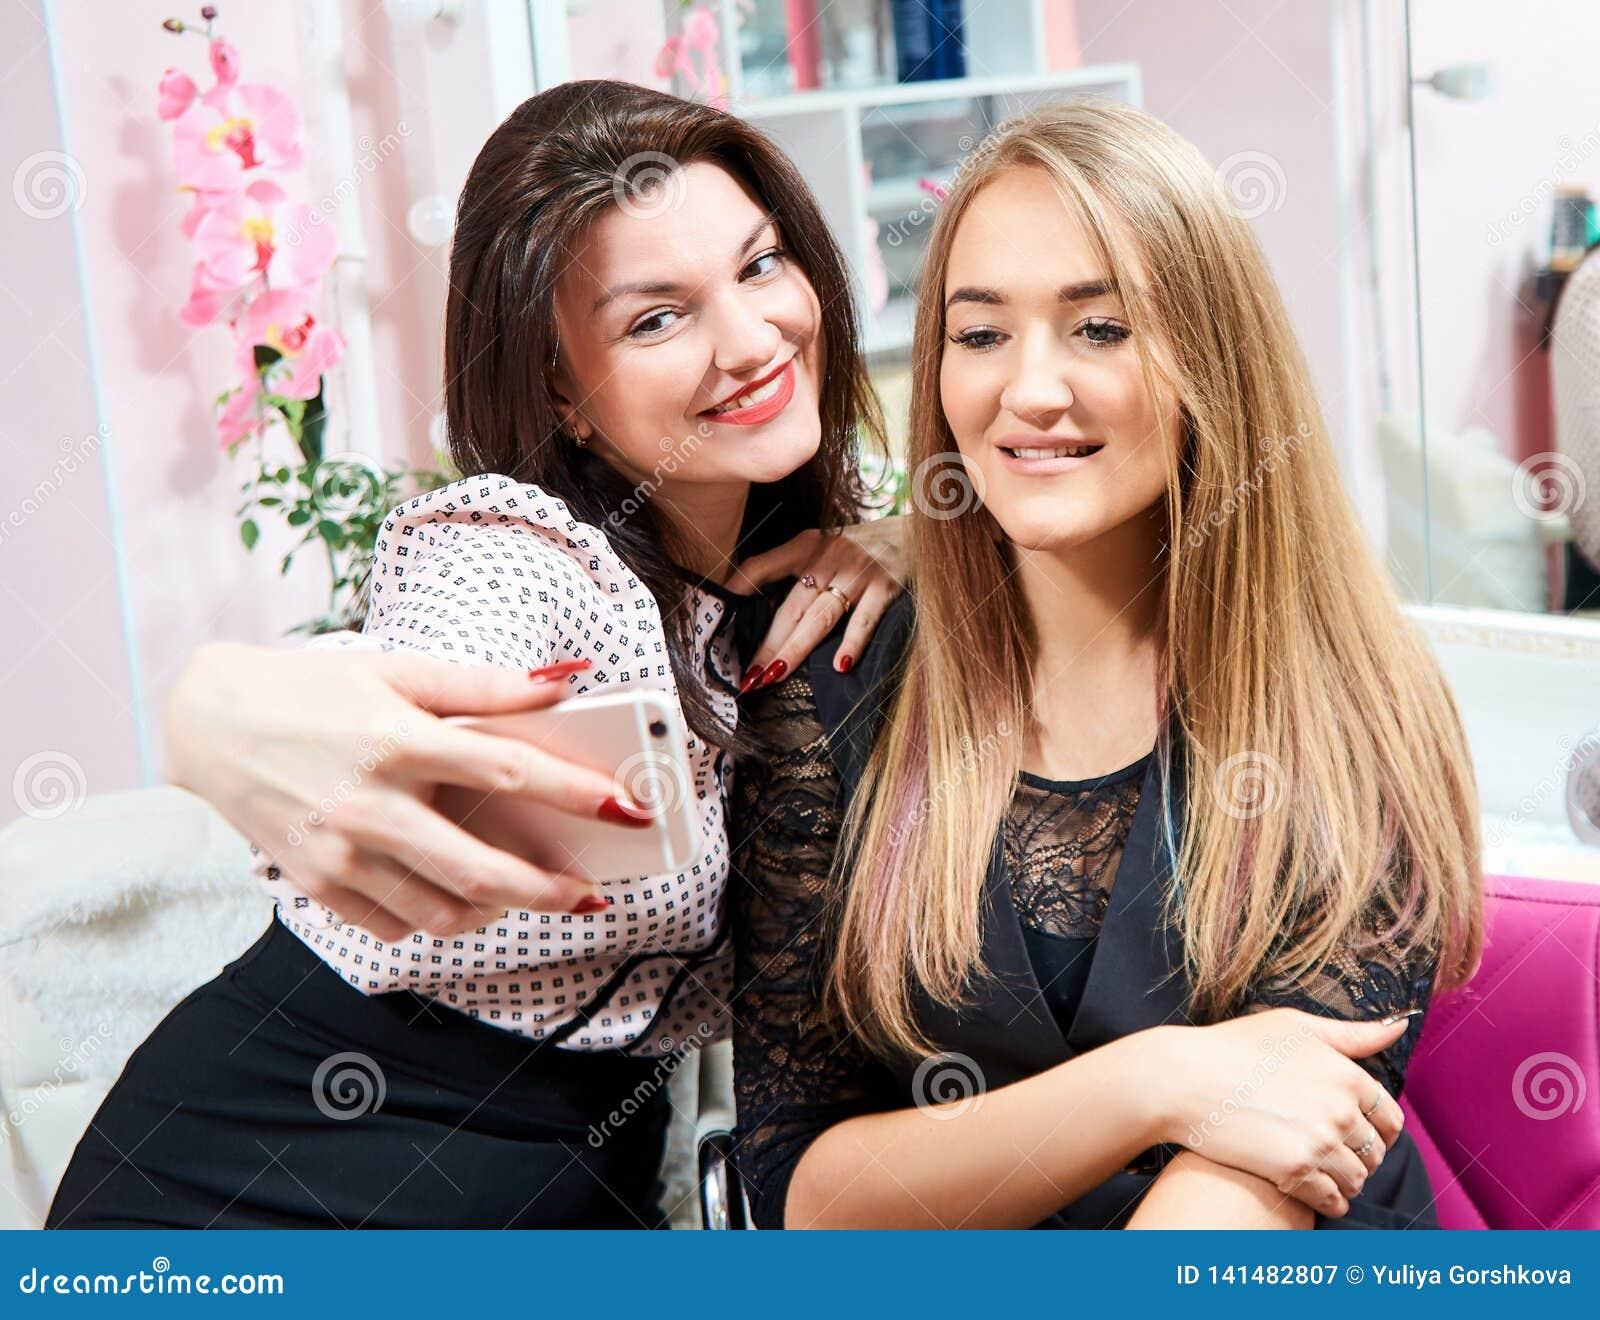 两个深色的女孩和金发碧眼的女人做在发廊的一selfie